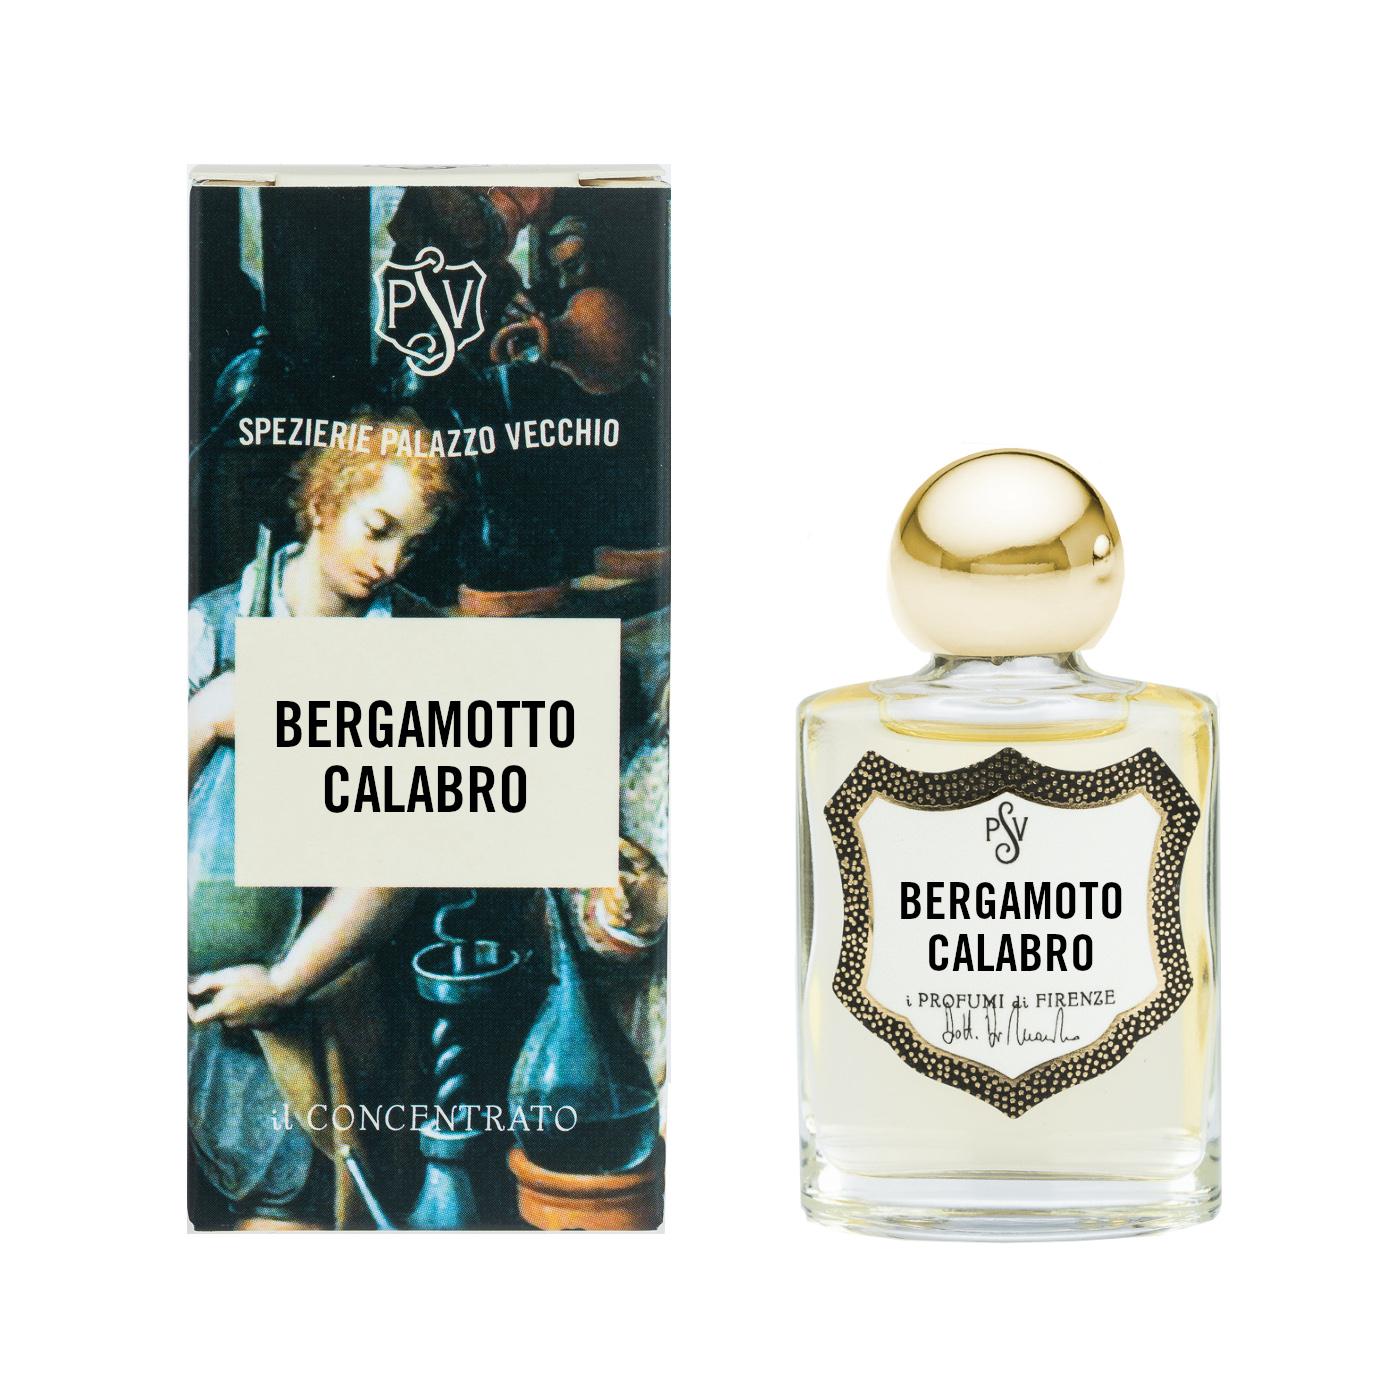 BERGAMOTTO CALABRO - Il Concentrato-3939